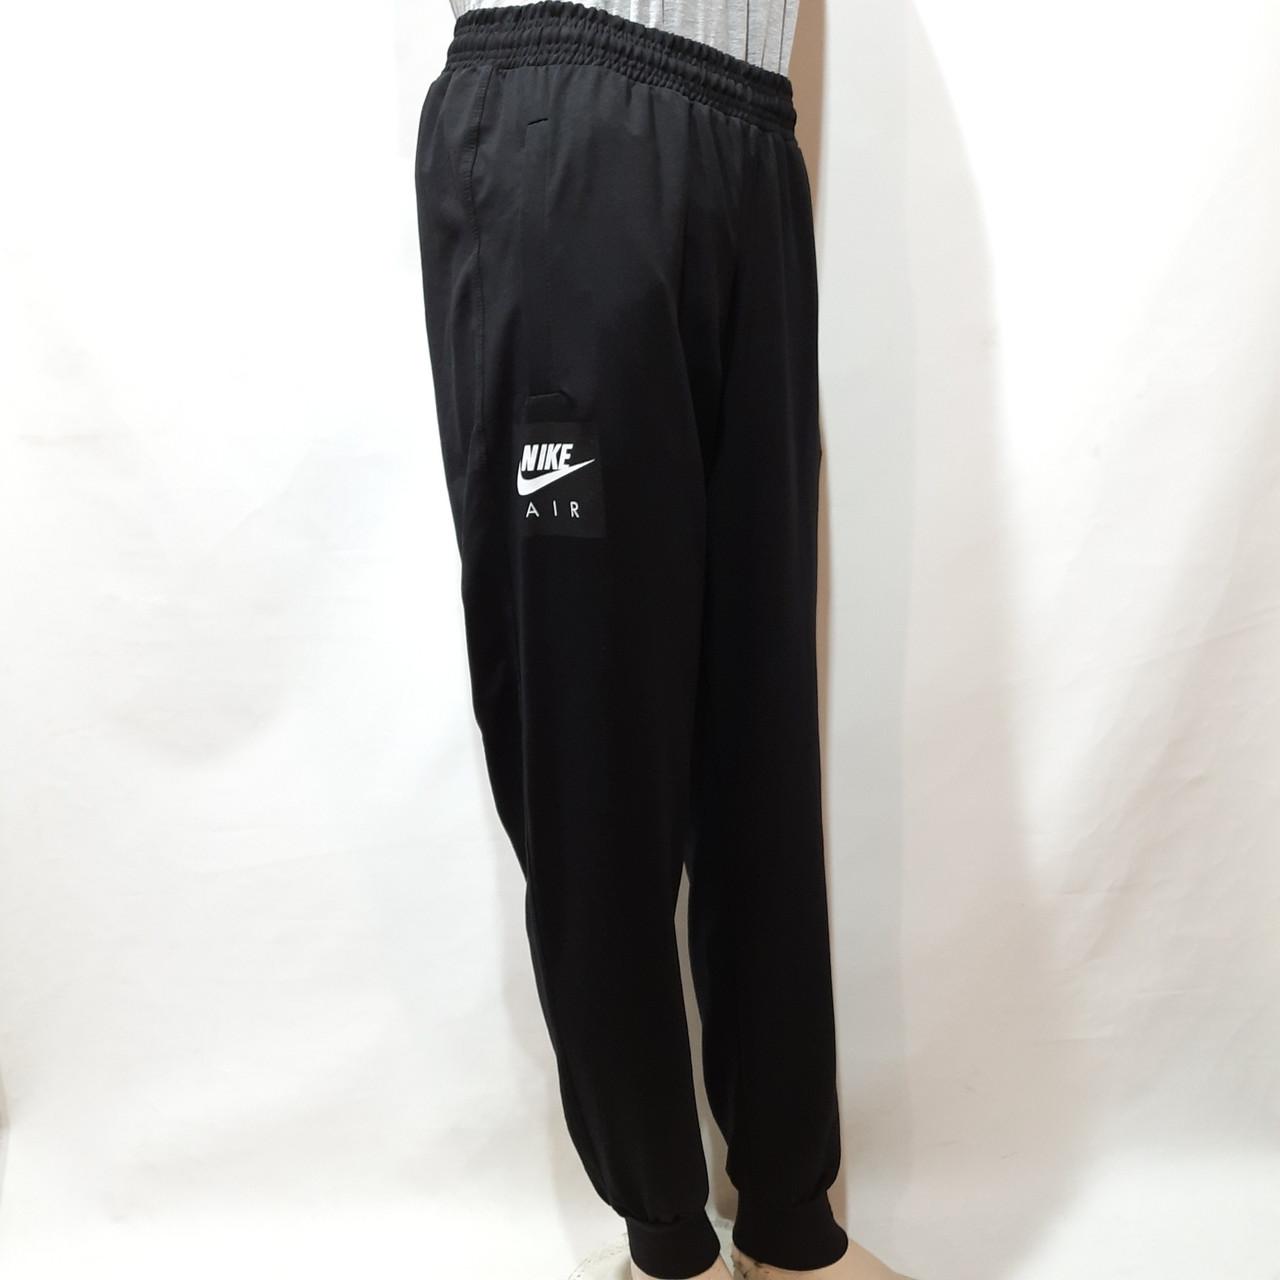 Мужские штаны весенние (Больших размеров) в стиле Nike под манжет черные